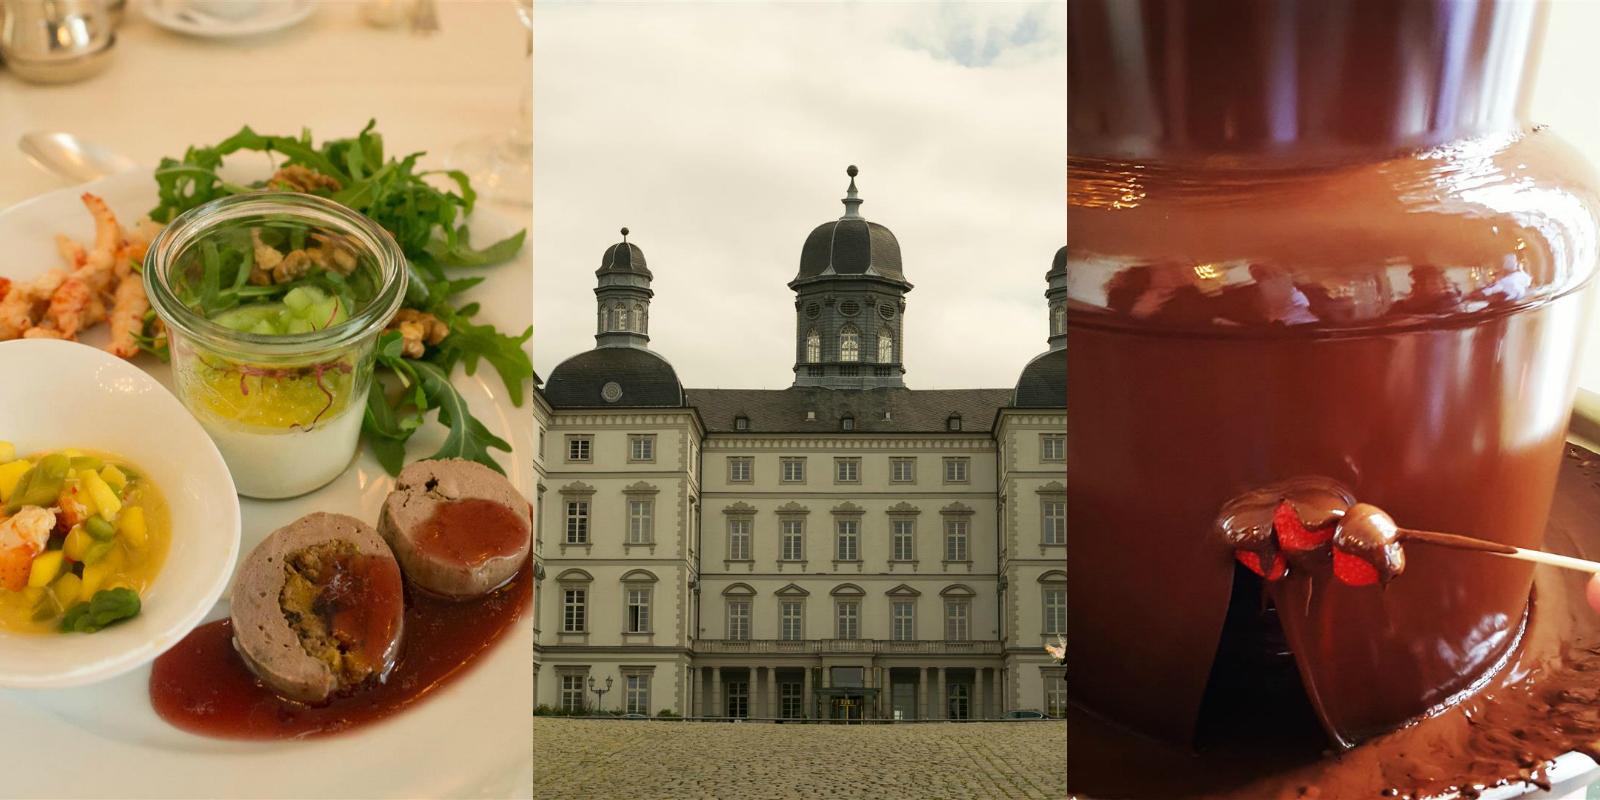 Erfahrungen mit dem Champagner Brunch im Schloss Bensberg